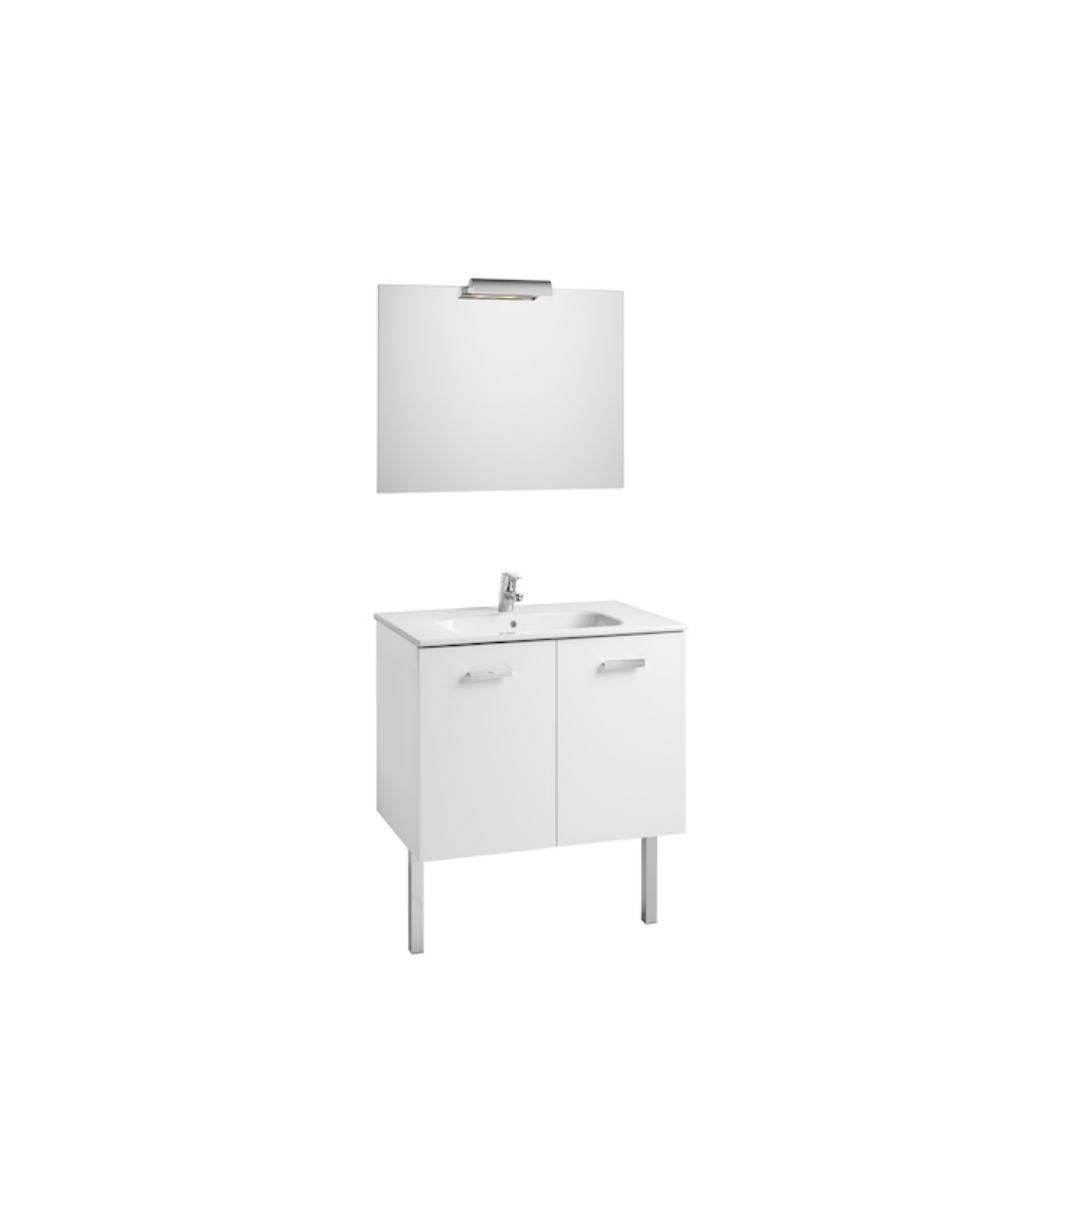 Conjunto Mueble De Bano Roca Victoria Basic 80x46 Blanco